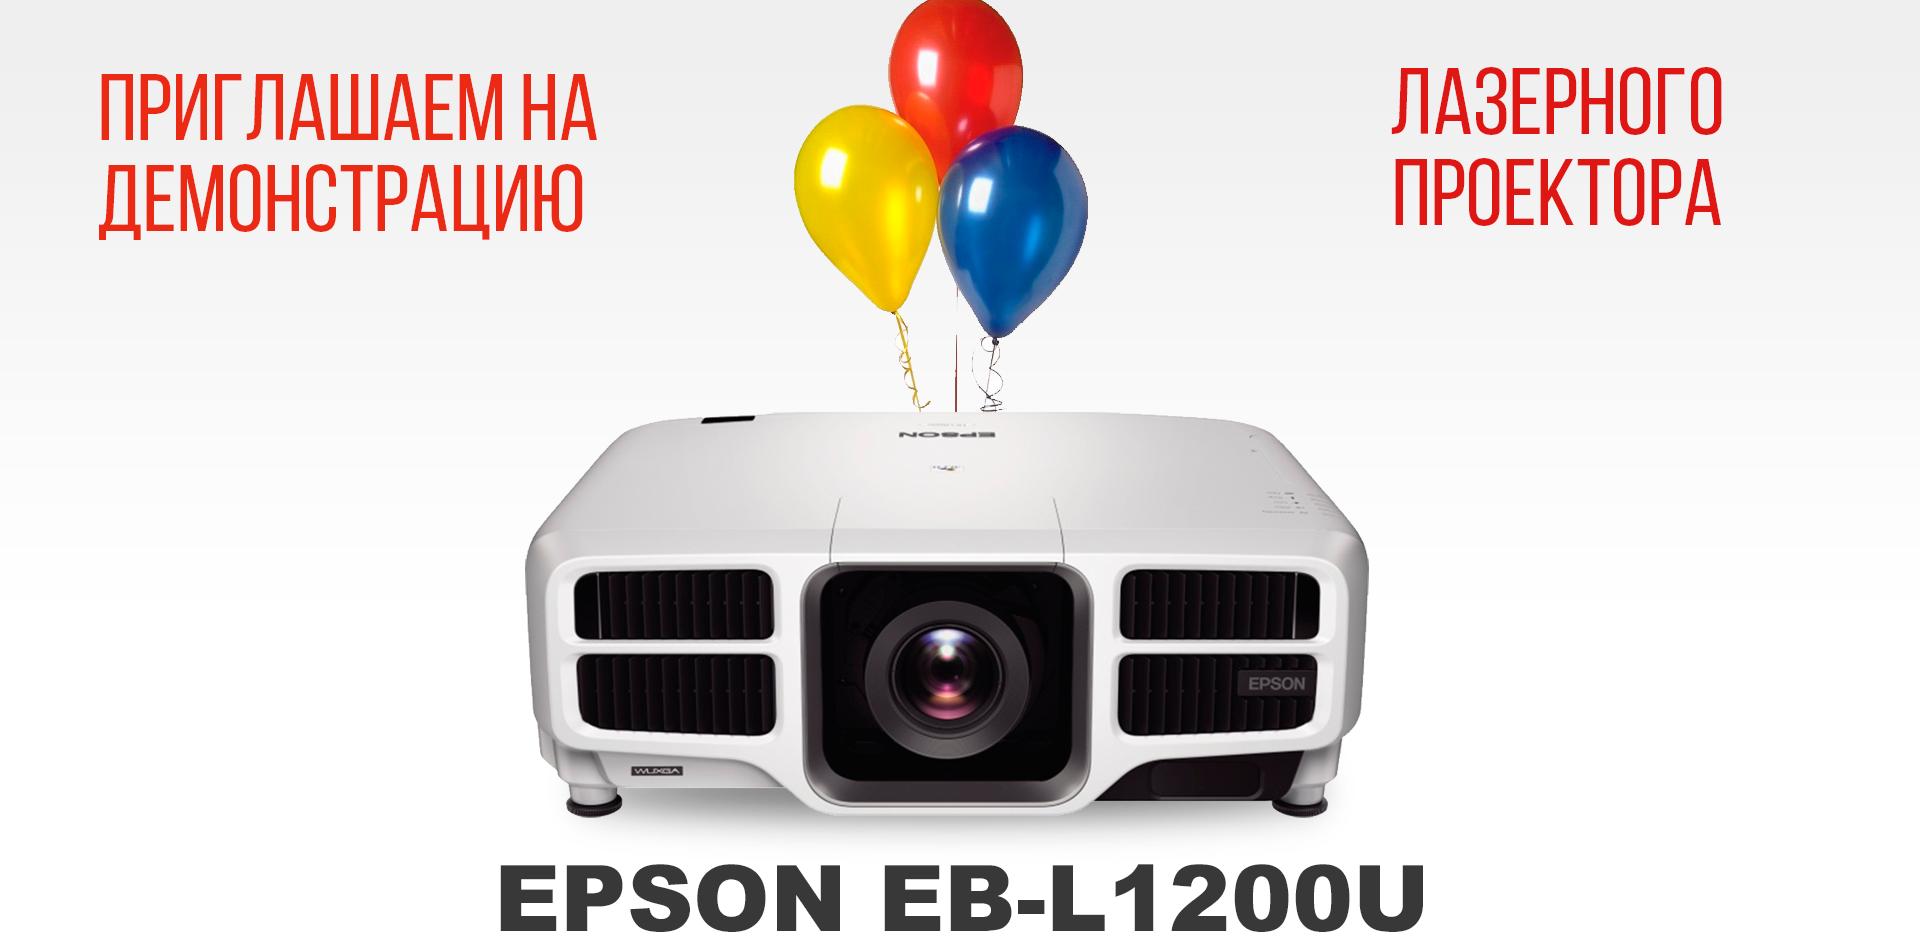 ЛАЗЕРНЫЙ ПРОЕКТОР EPSON EB-L1200U